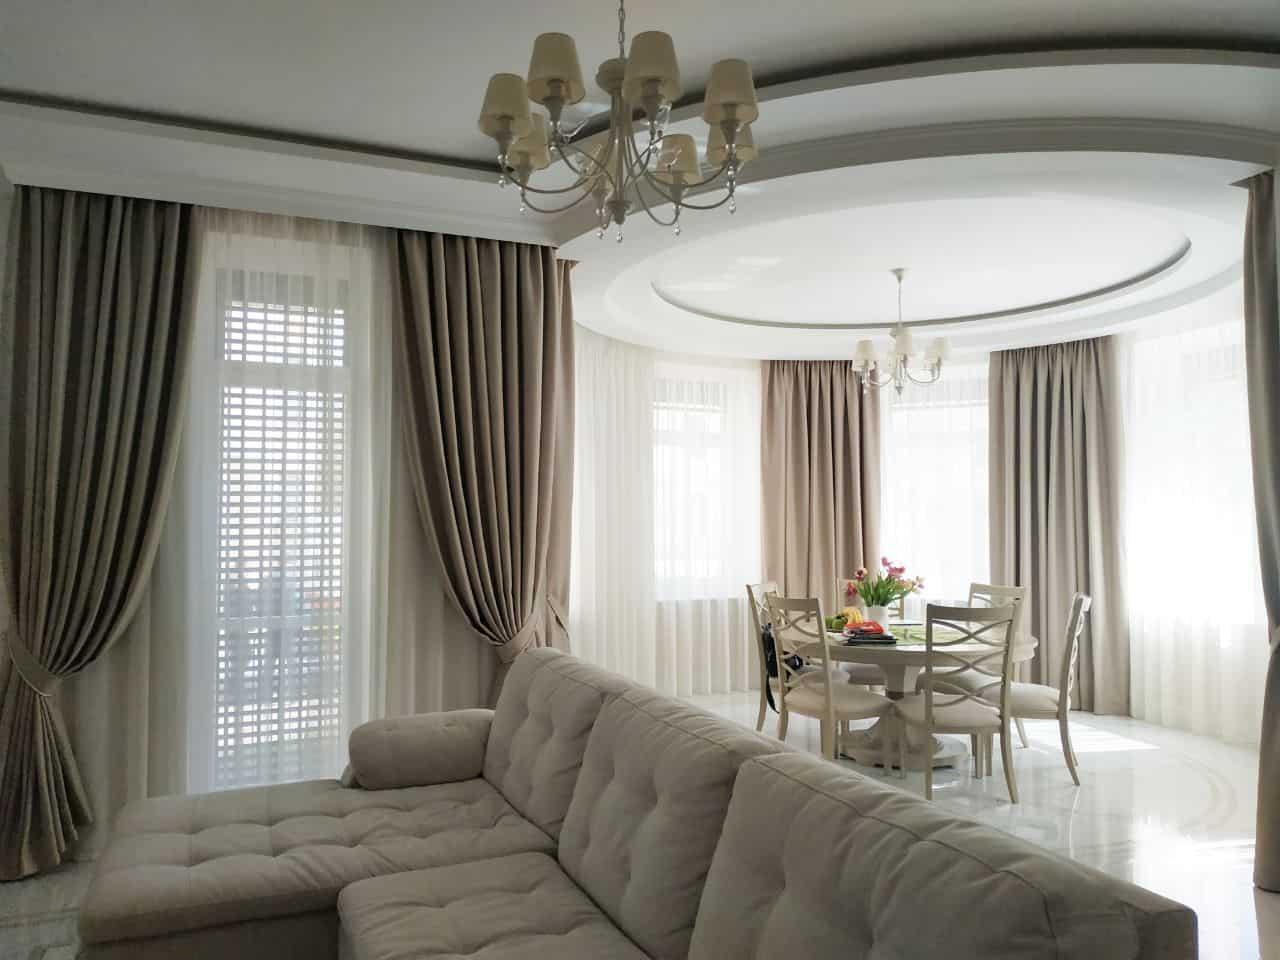 Пример классических плотных штор для гостинной цвета кофе с молоком